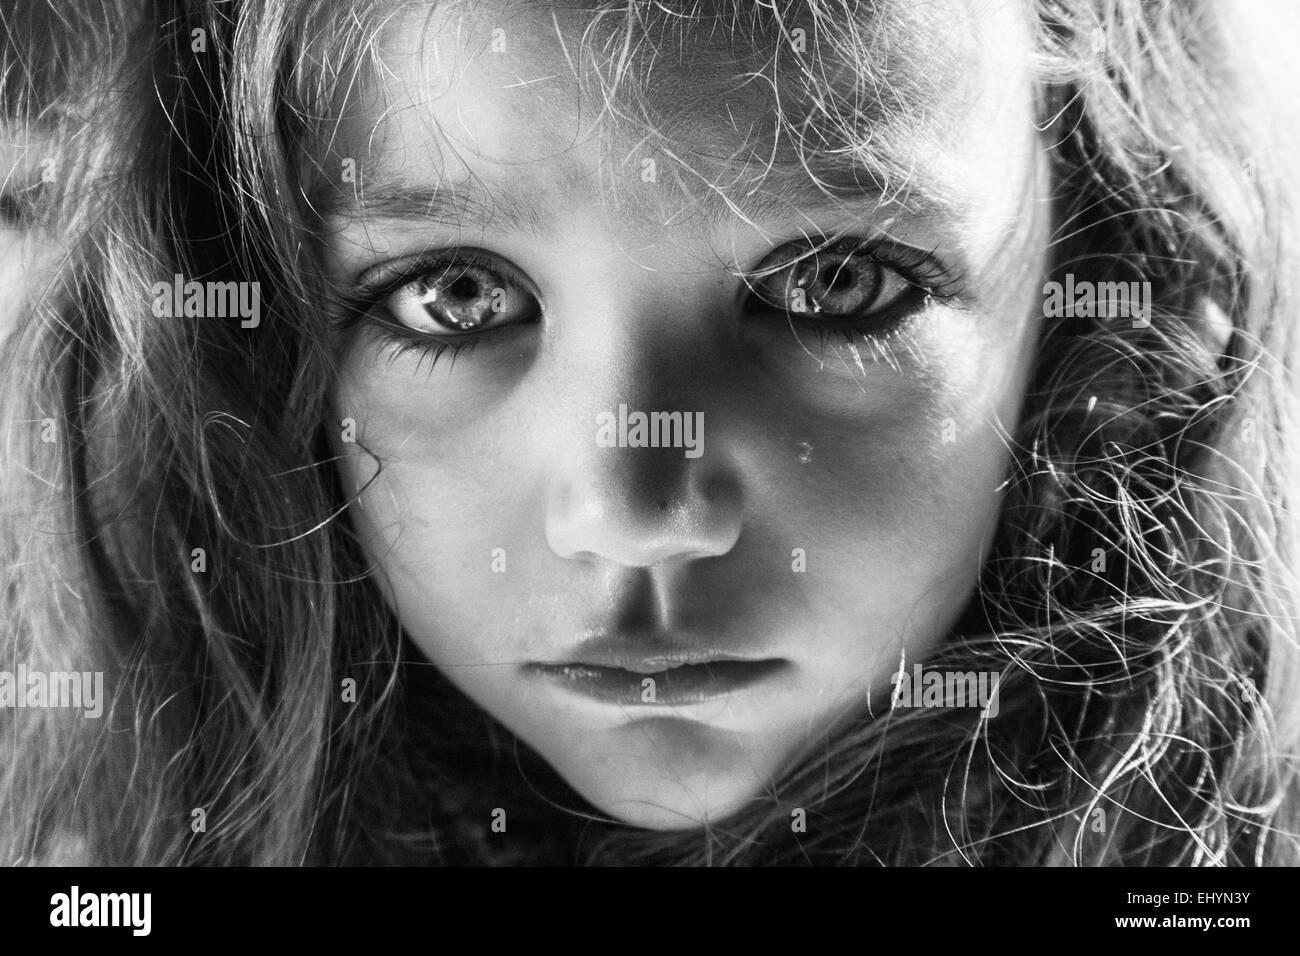 Fille avec une larme couler sur son visage Photo Stock